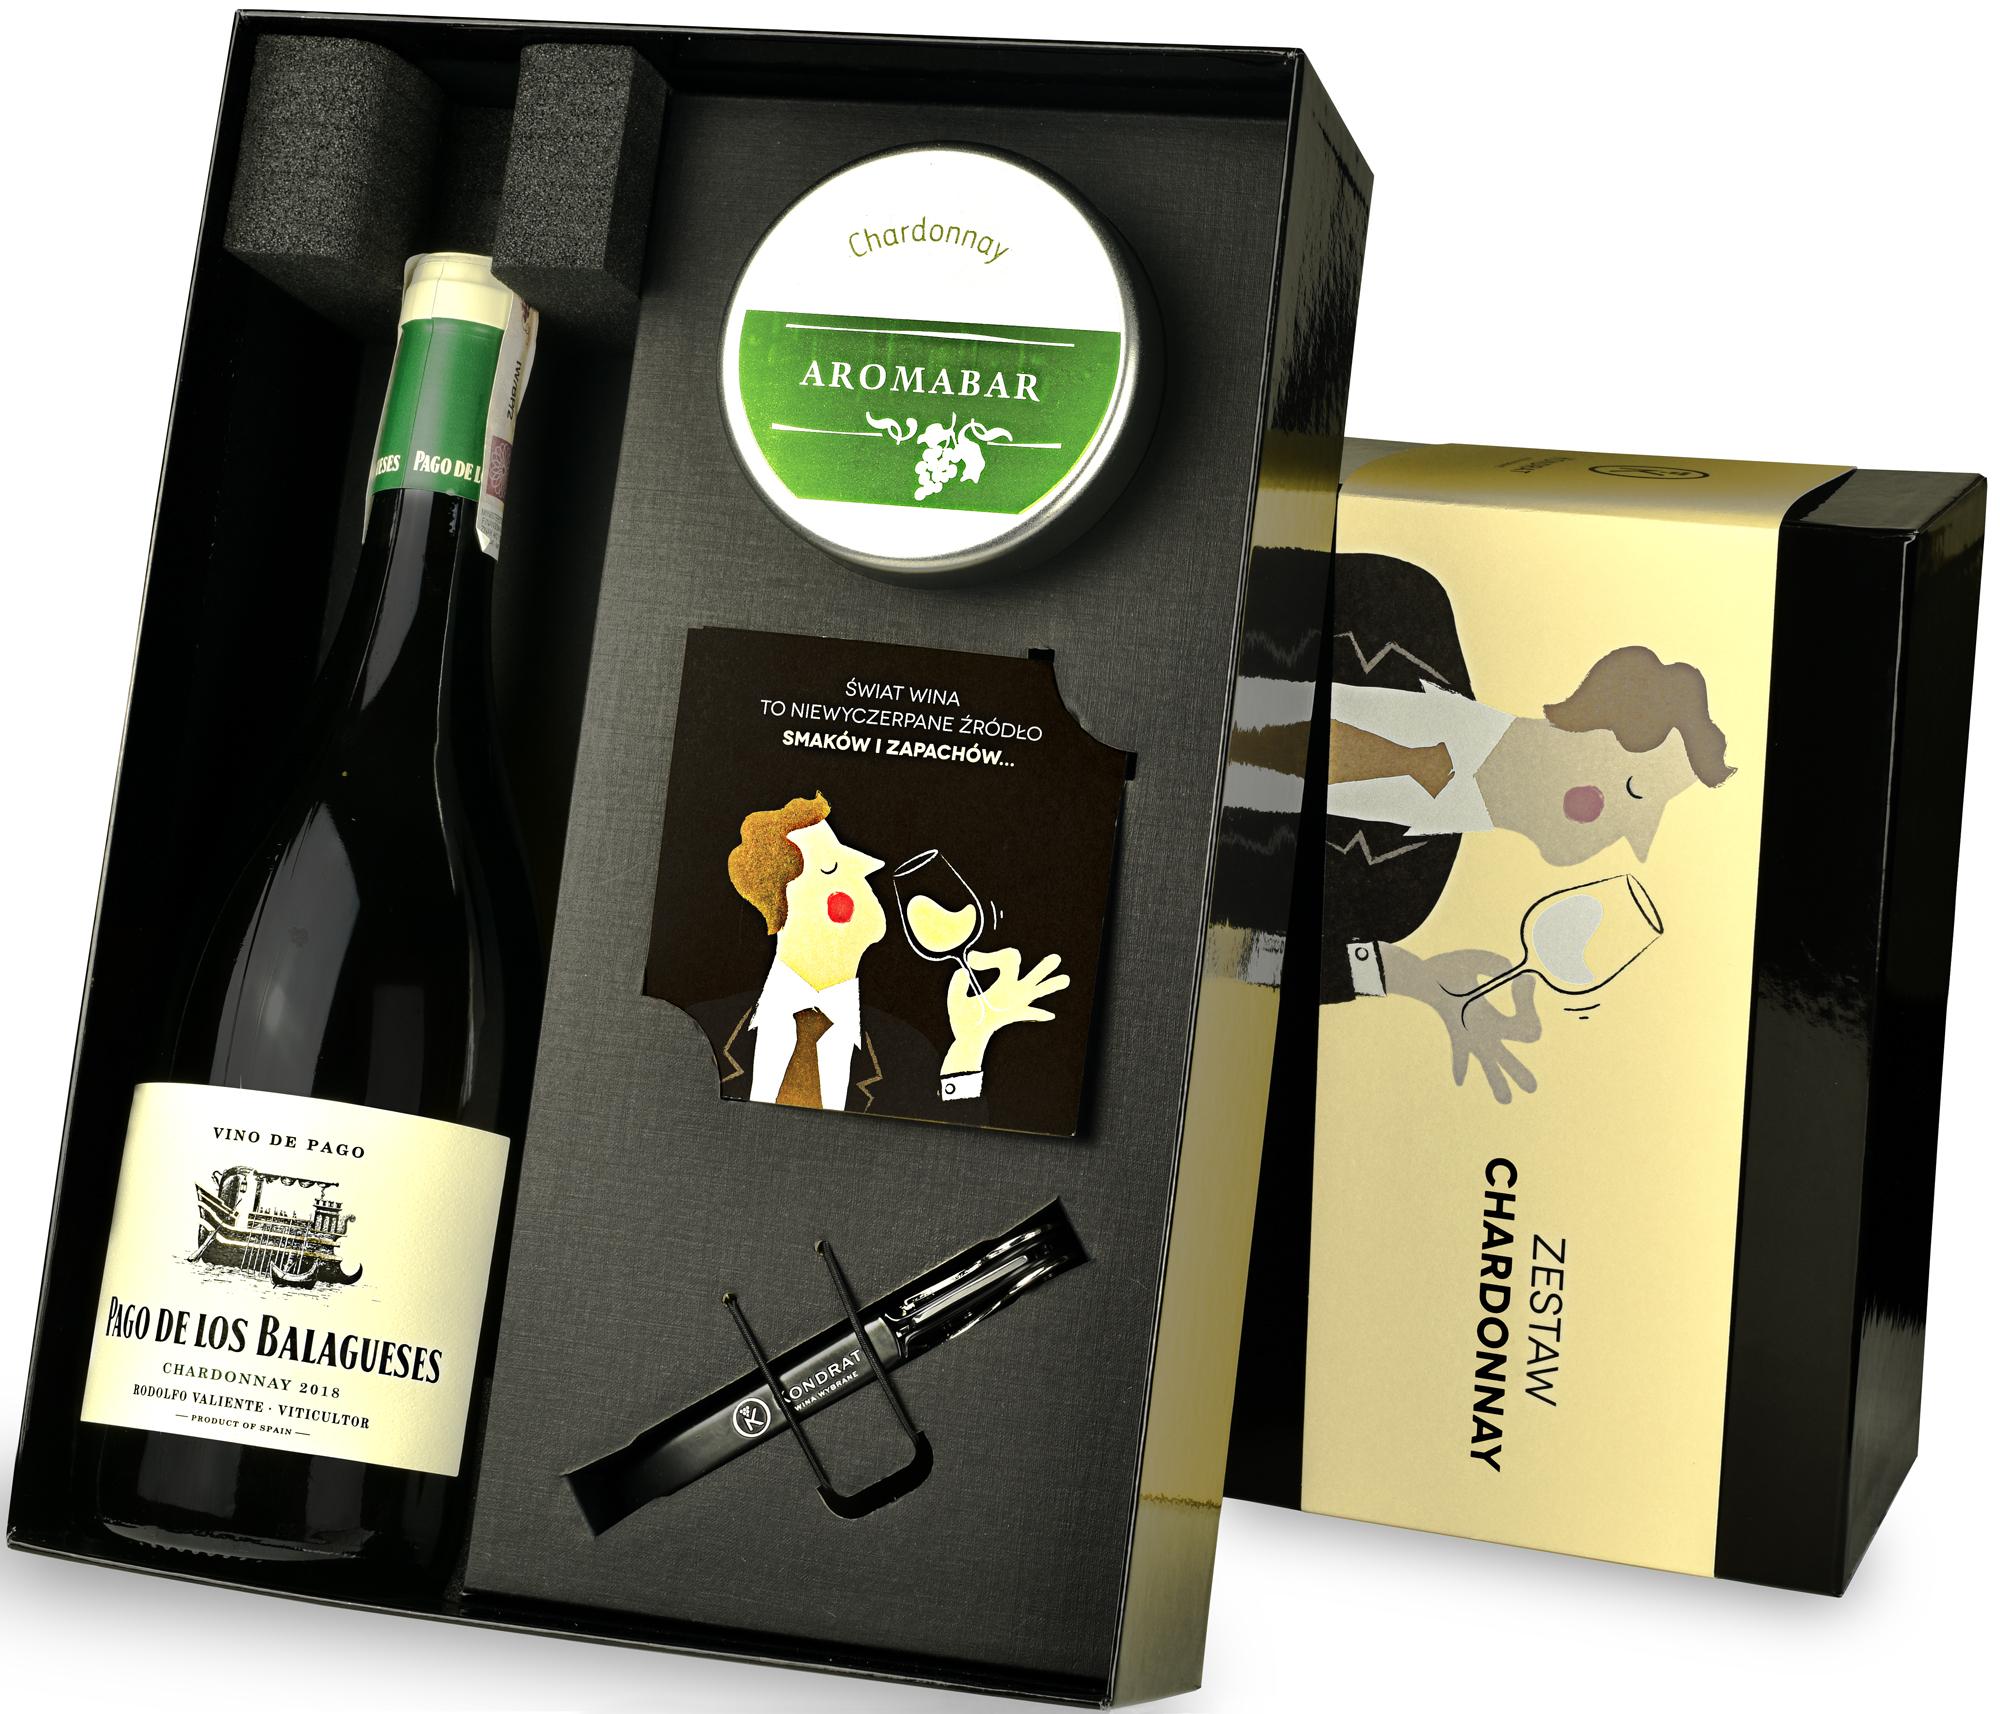 Zestaw Aromabar Chardonnay z winem Vegalfaro